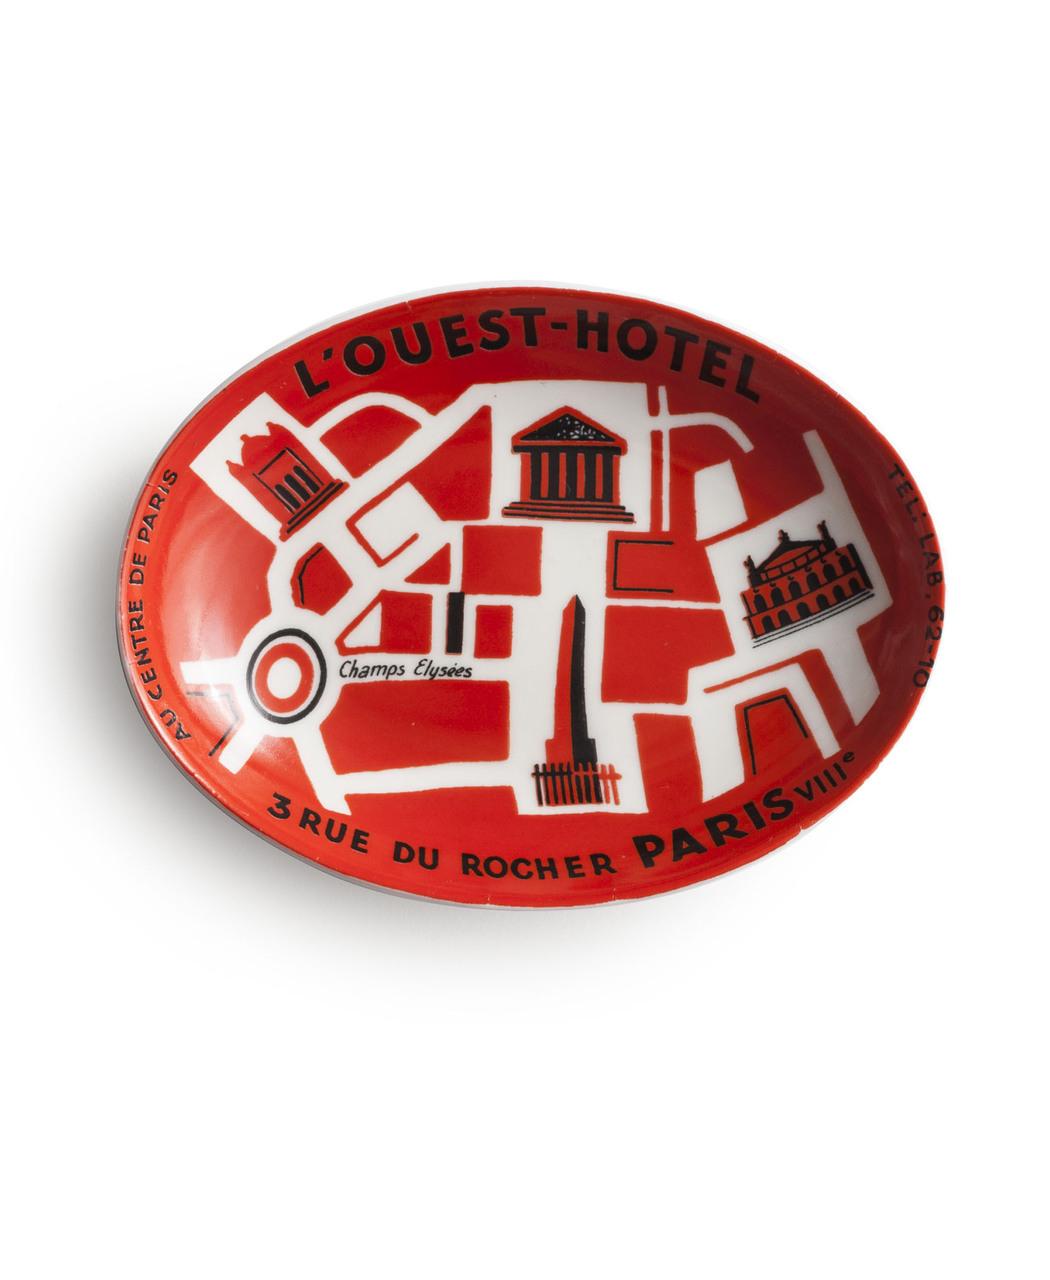 ROSANNAトレー ヴォヤージュ L'OUEST HOTEL